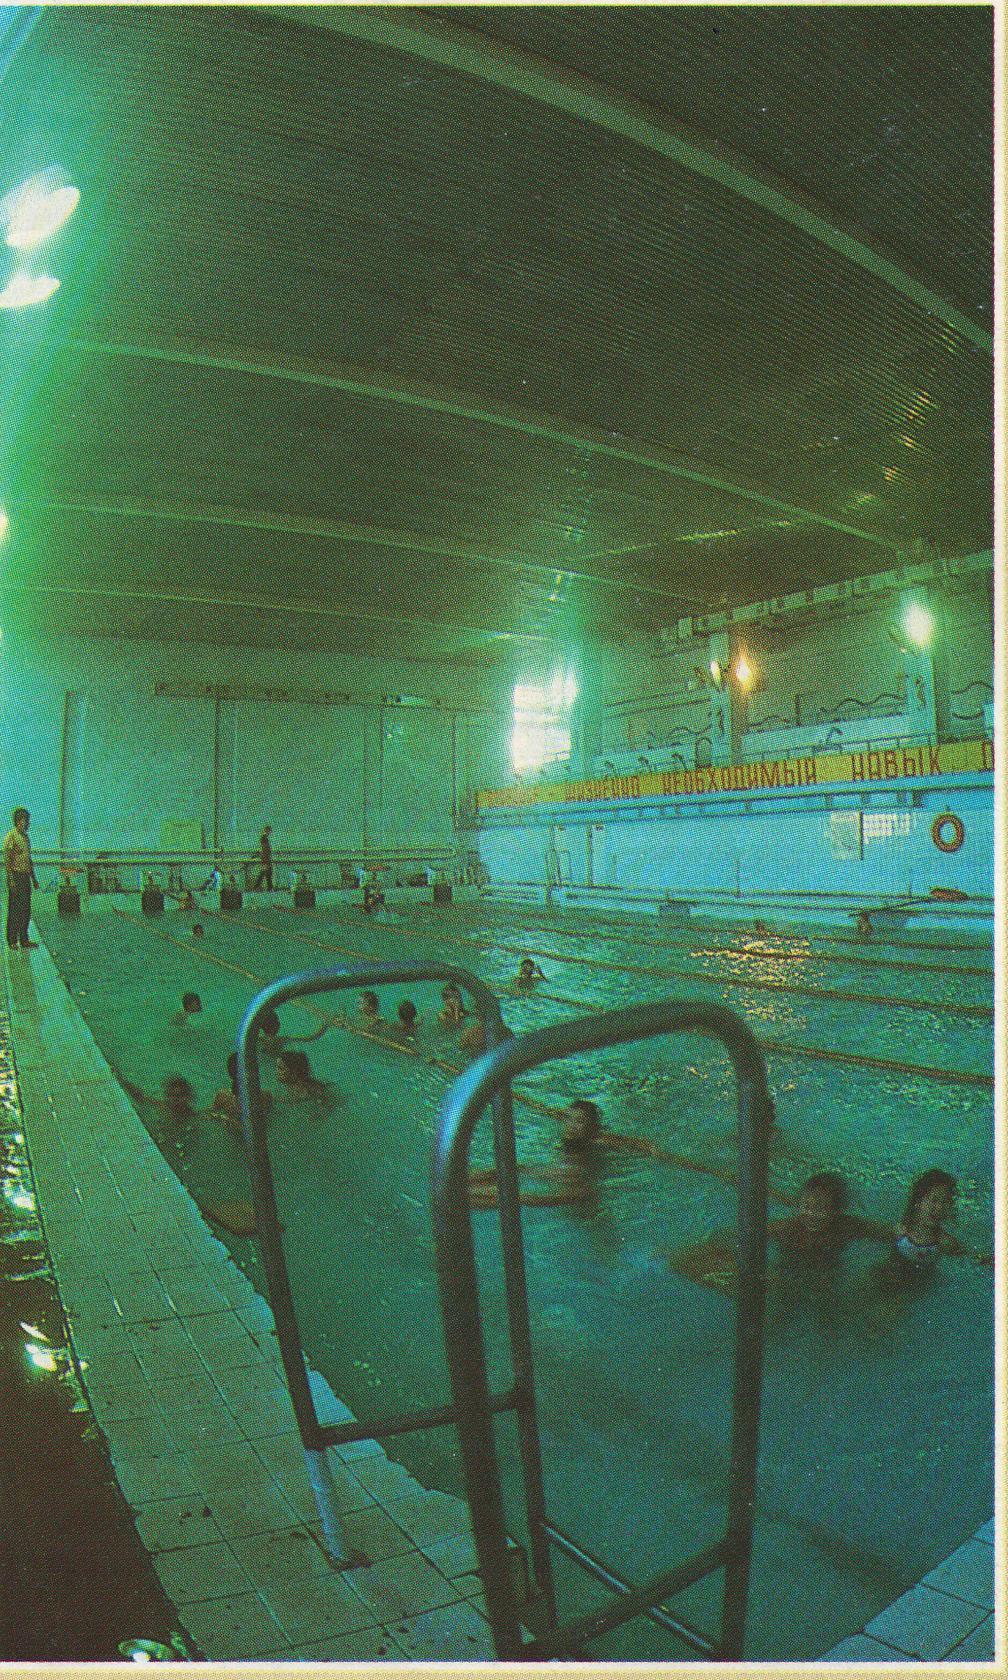 Плавательный  бассейн во Дворце спорта. 1981 год